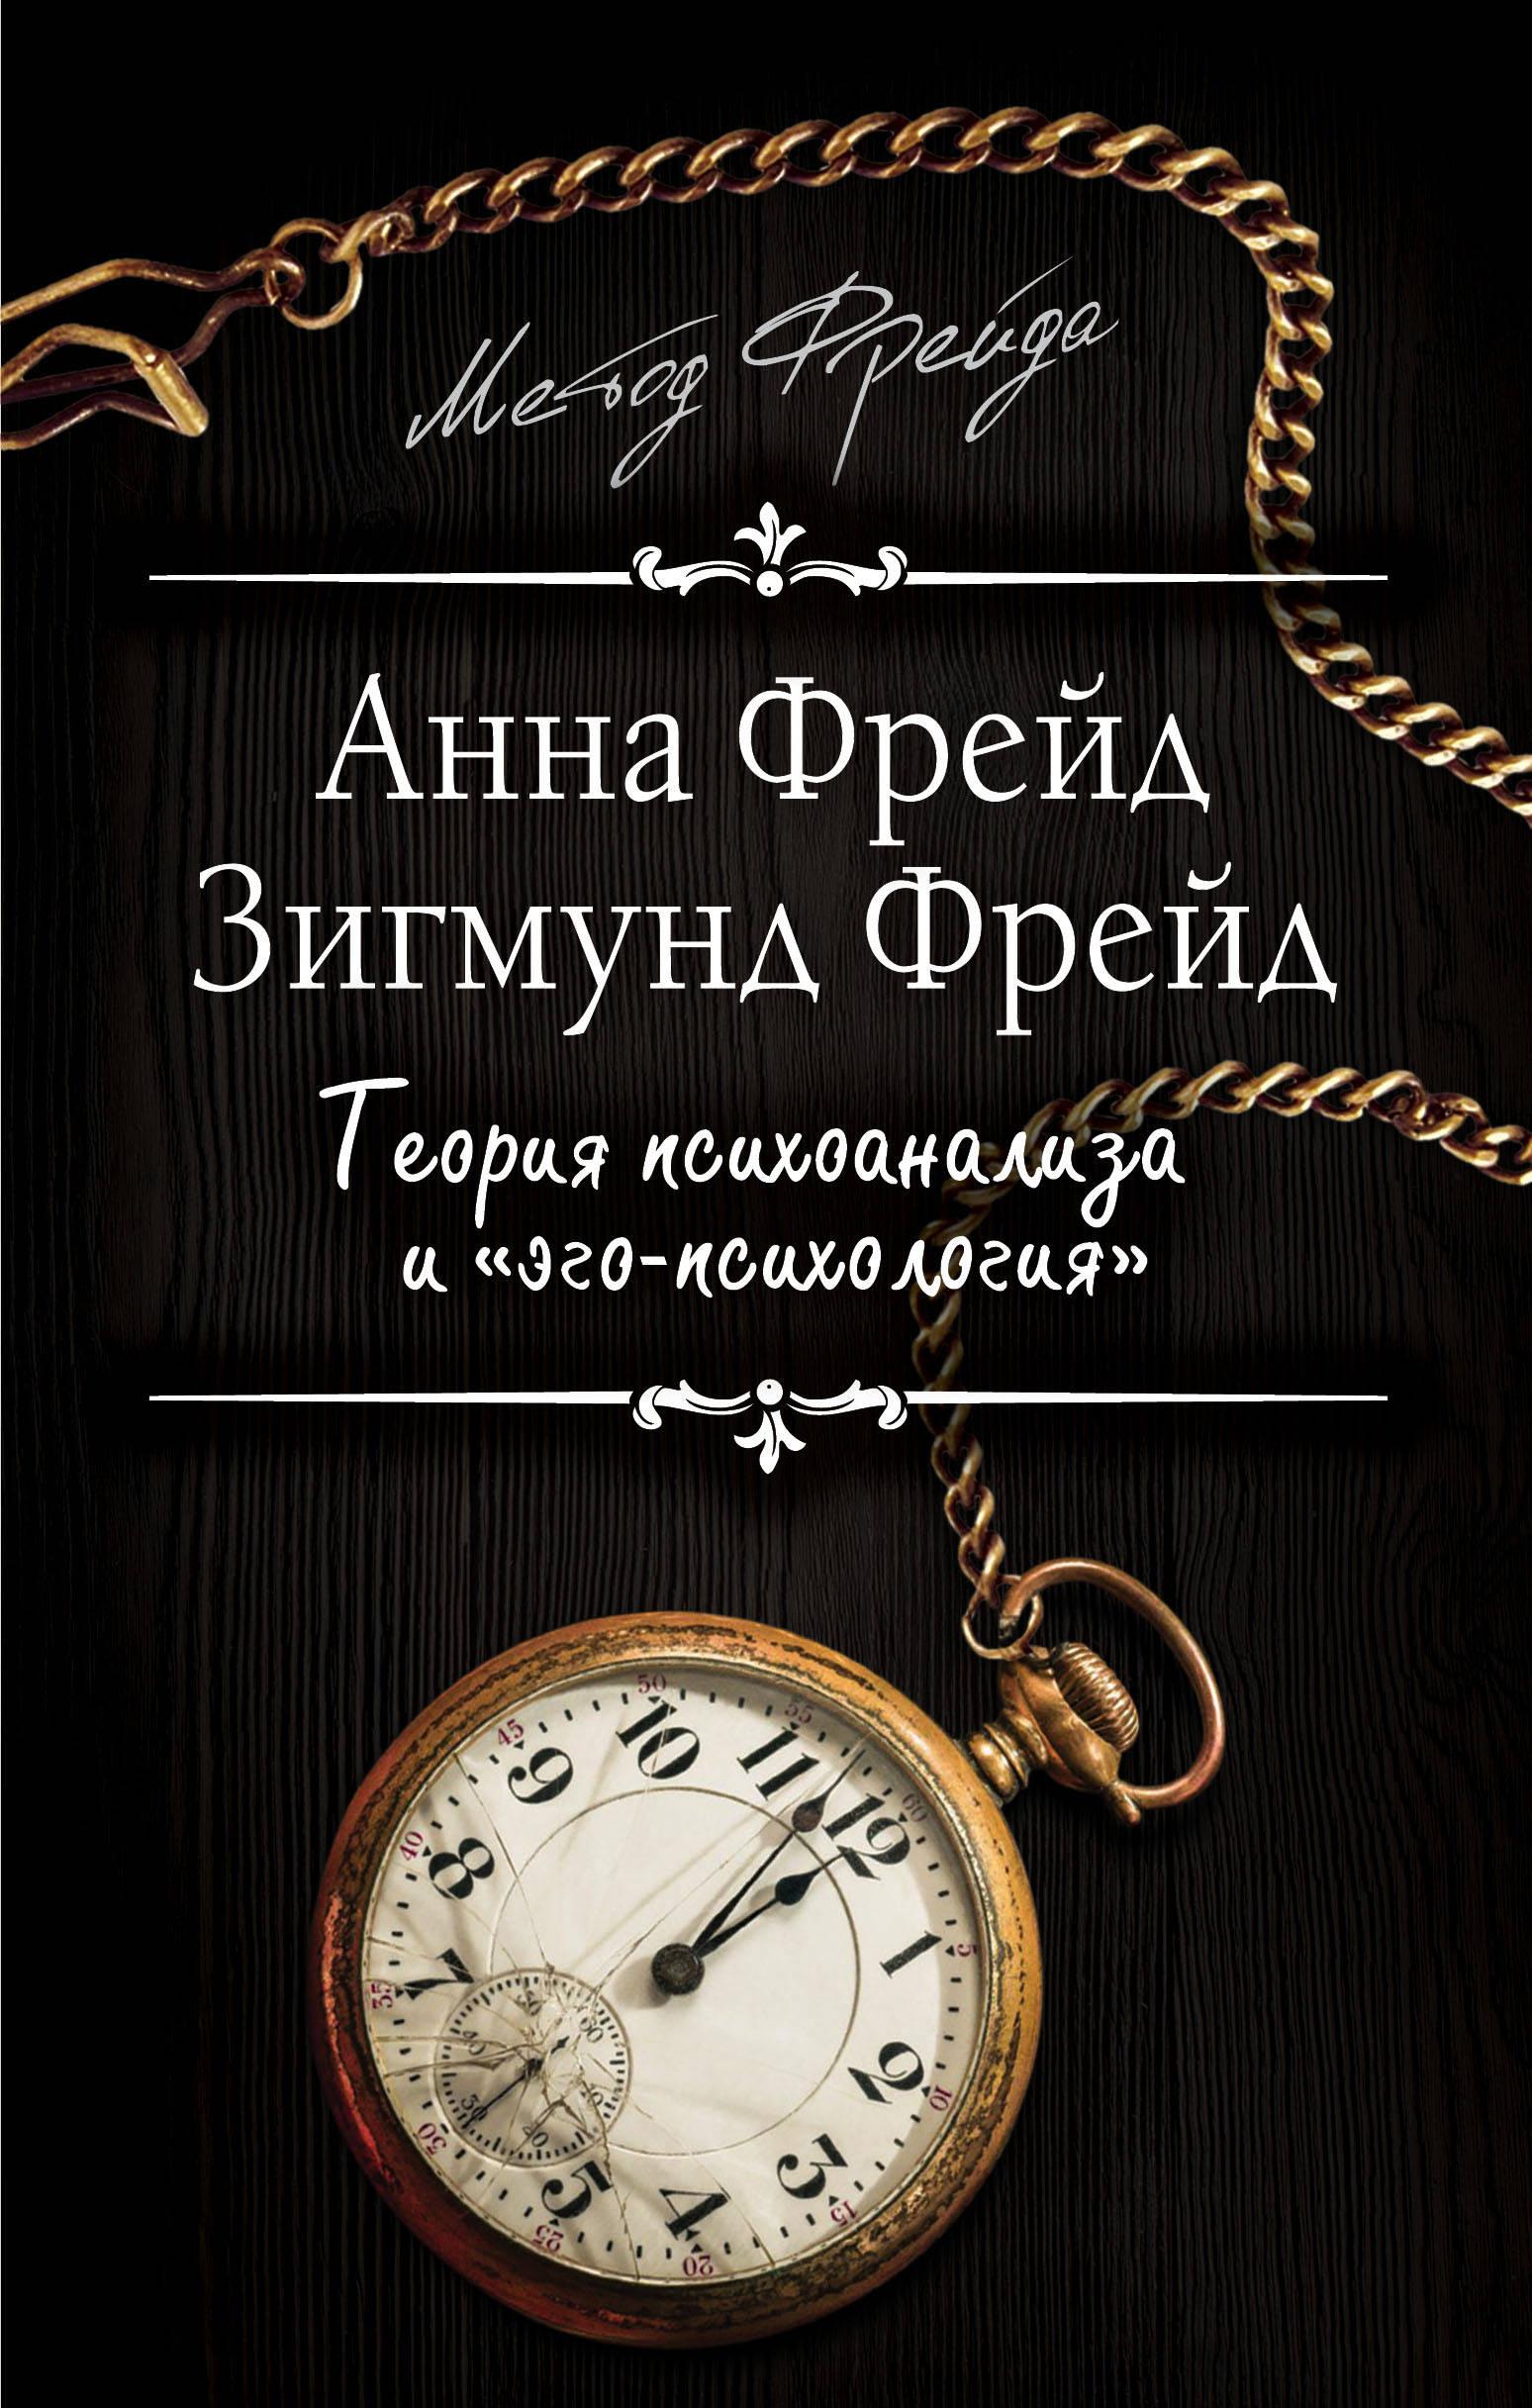 Анна Фрейд, Зигмунд Фрейд Теория психоанализа и